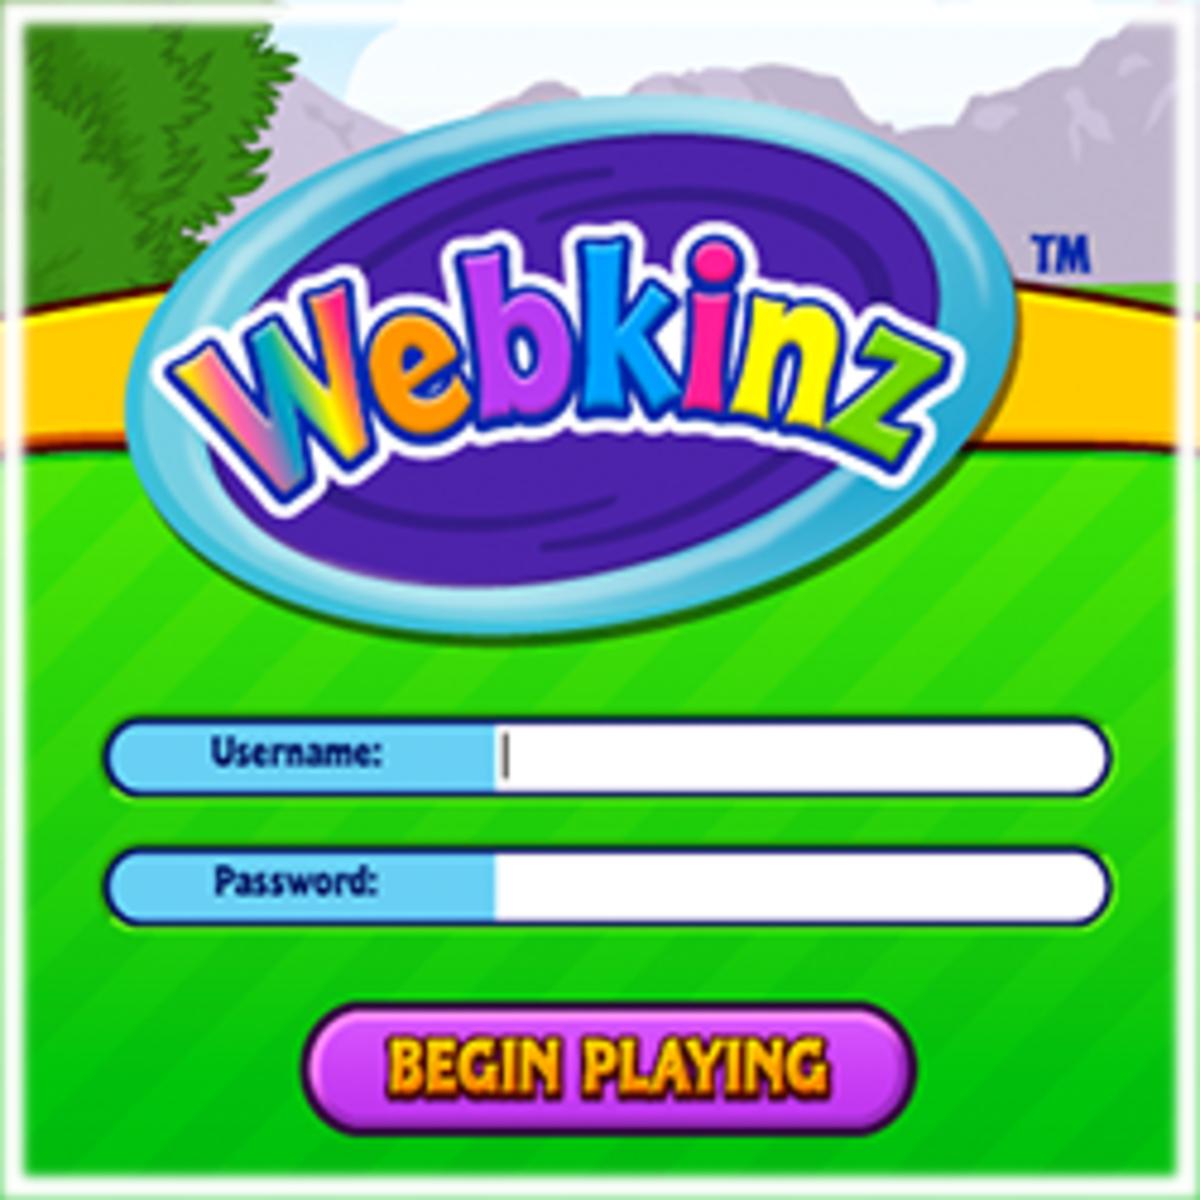 webkinzer